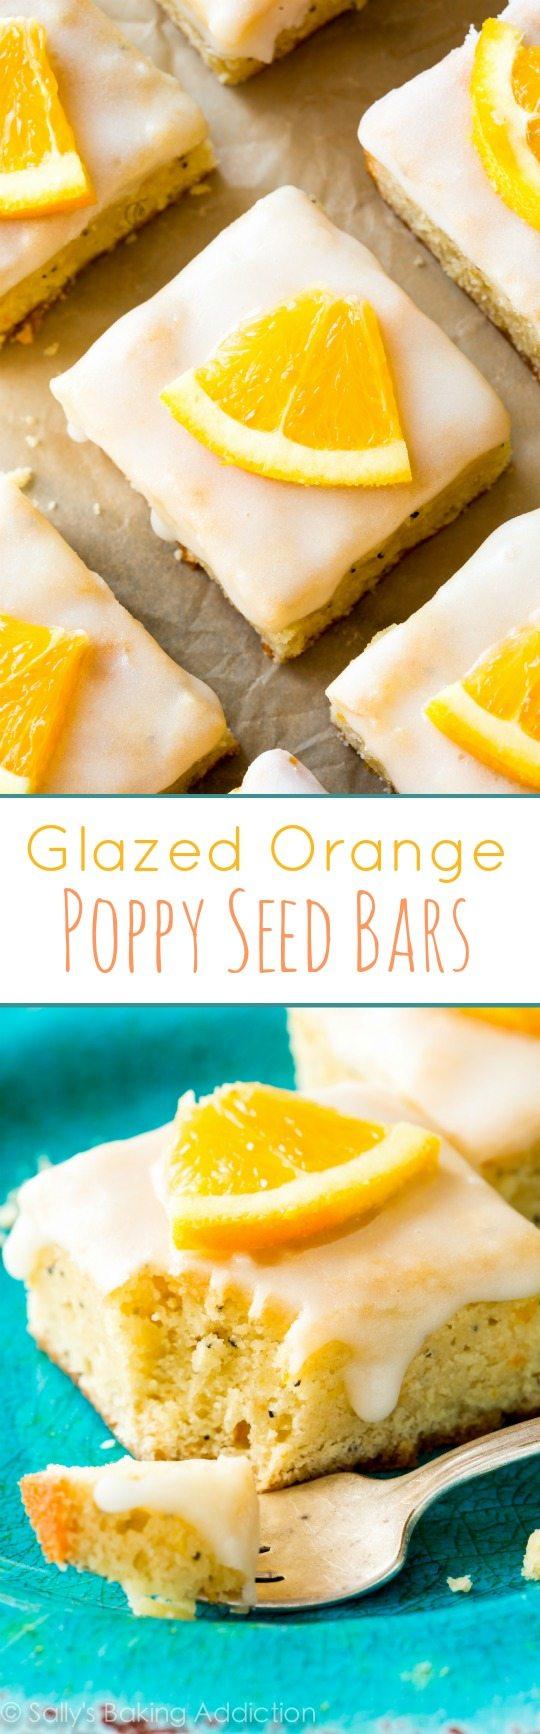 Les barres de graines de pavot orange glacées inciteront tout le monde à demander la recette! Le glaçage à l'orange douce est incroyable!